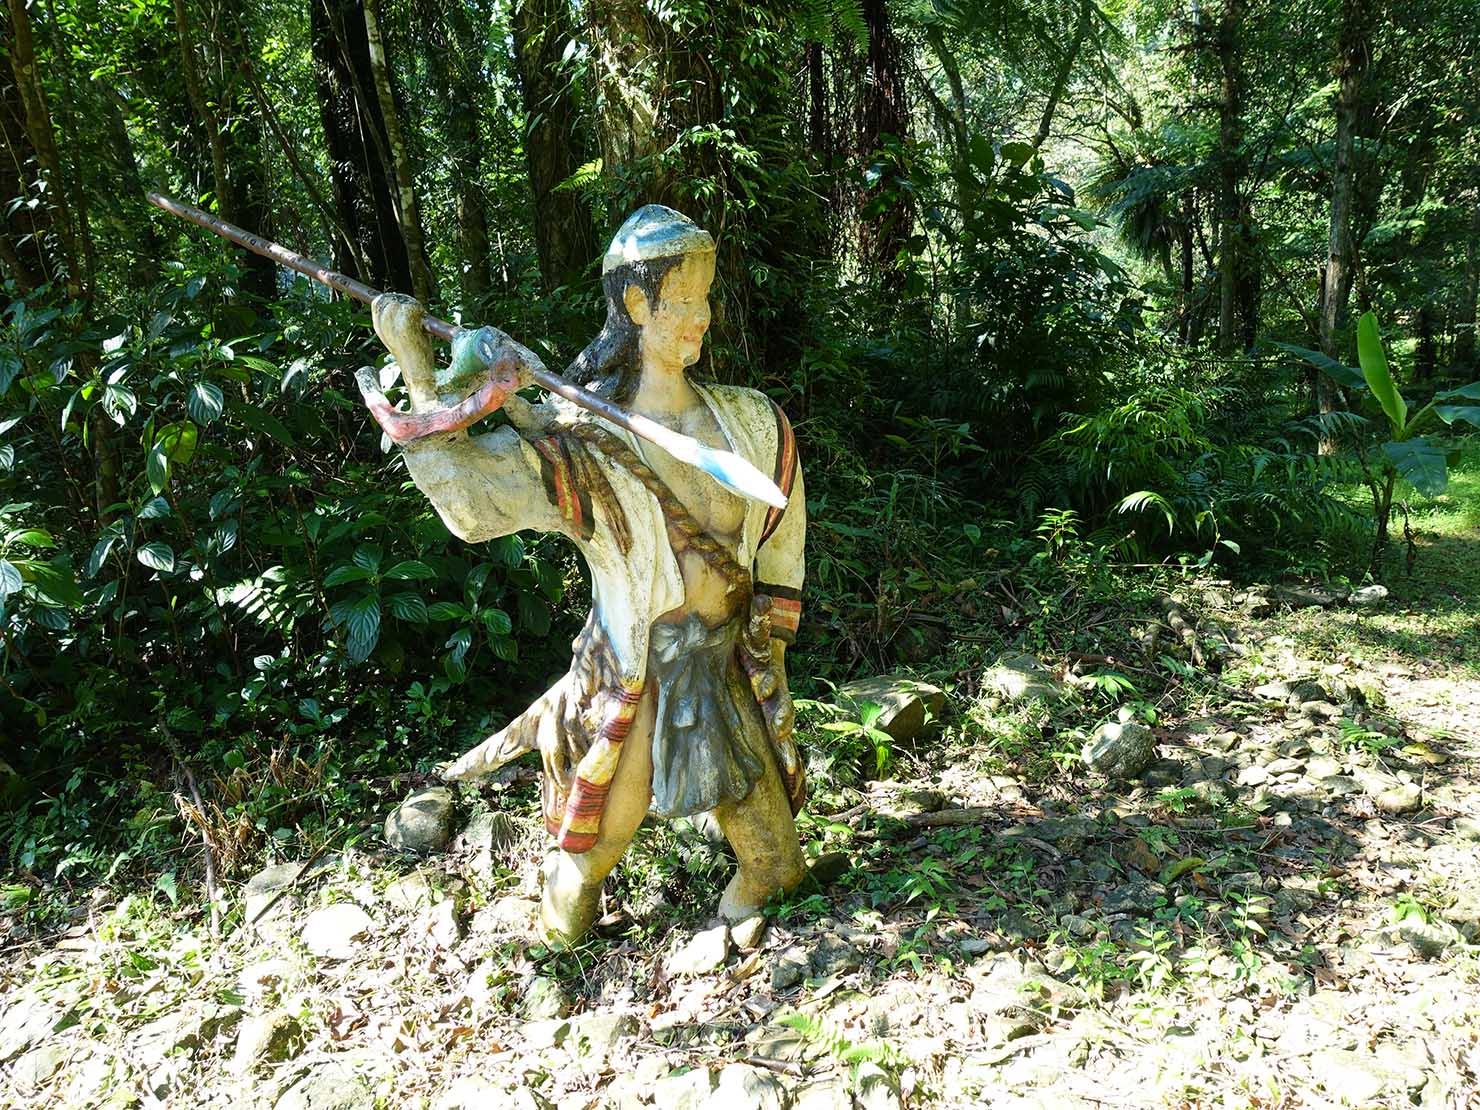 台北・烏來温泉から行けるテーマパーク「雲仙樂園」園内に佇む泰雅族(タイヤル族)男性の像